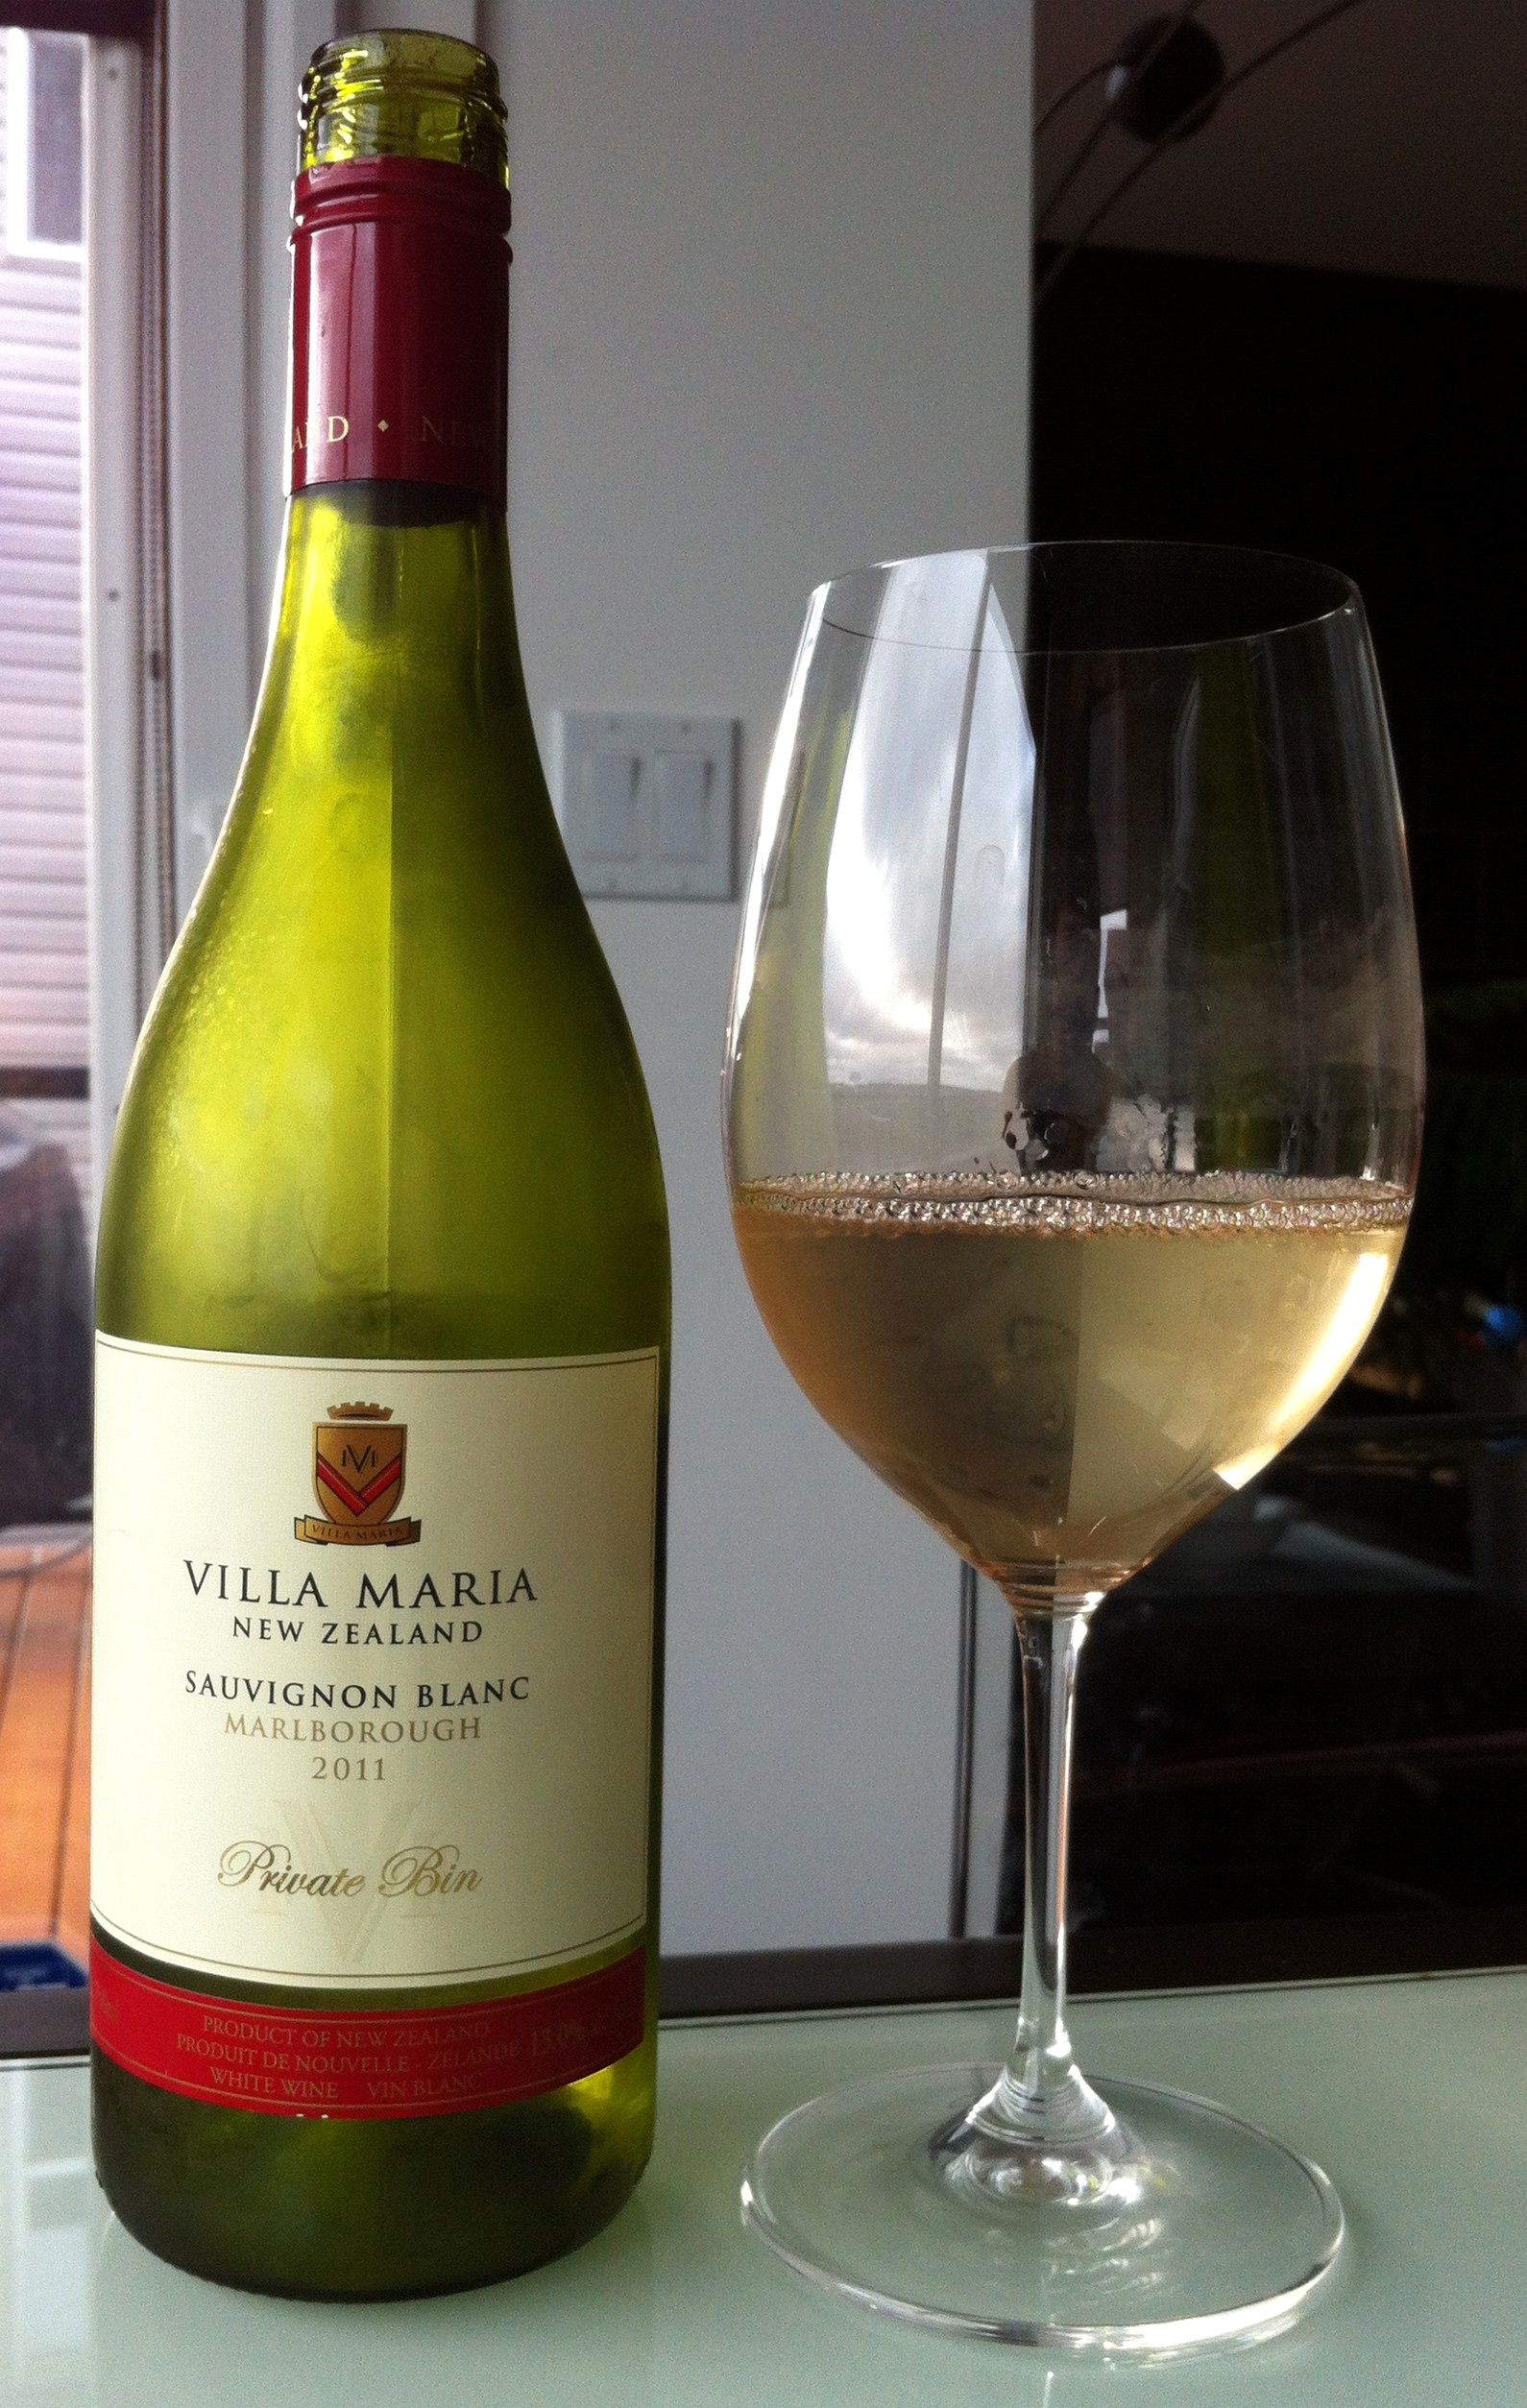 Wine Review 2011 Villa Maria Marlborough Private Bin